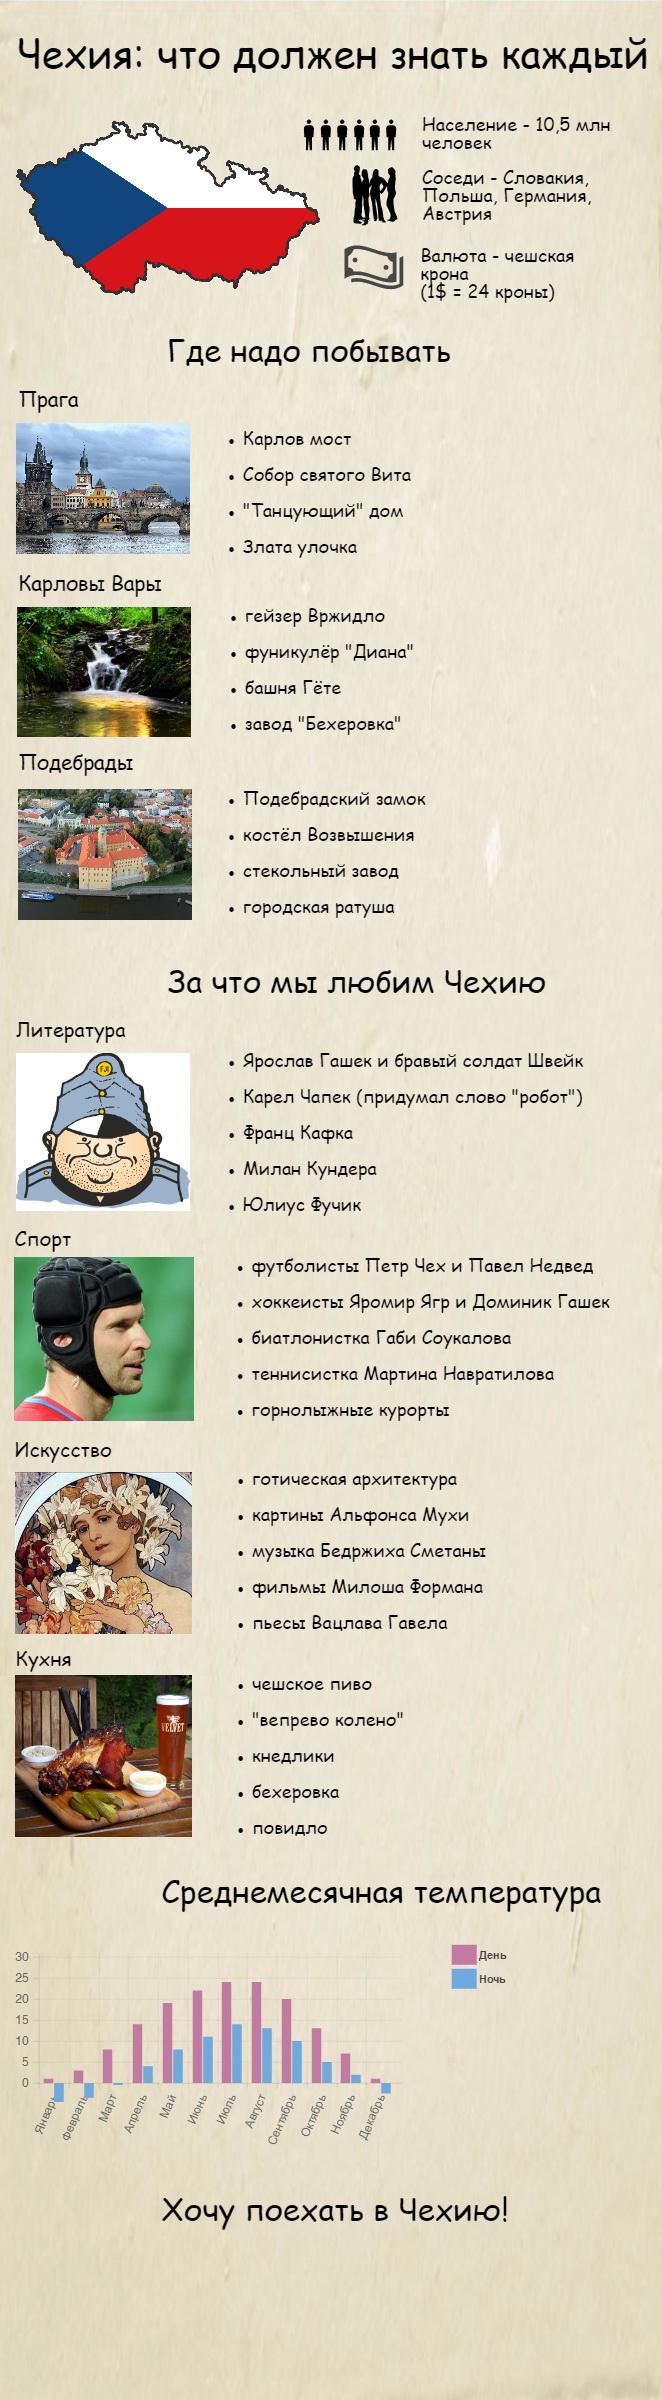 Инфографика по Чехии